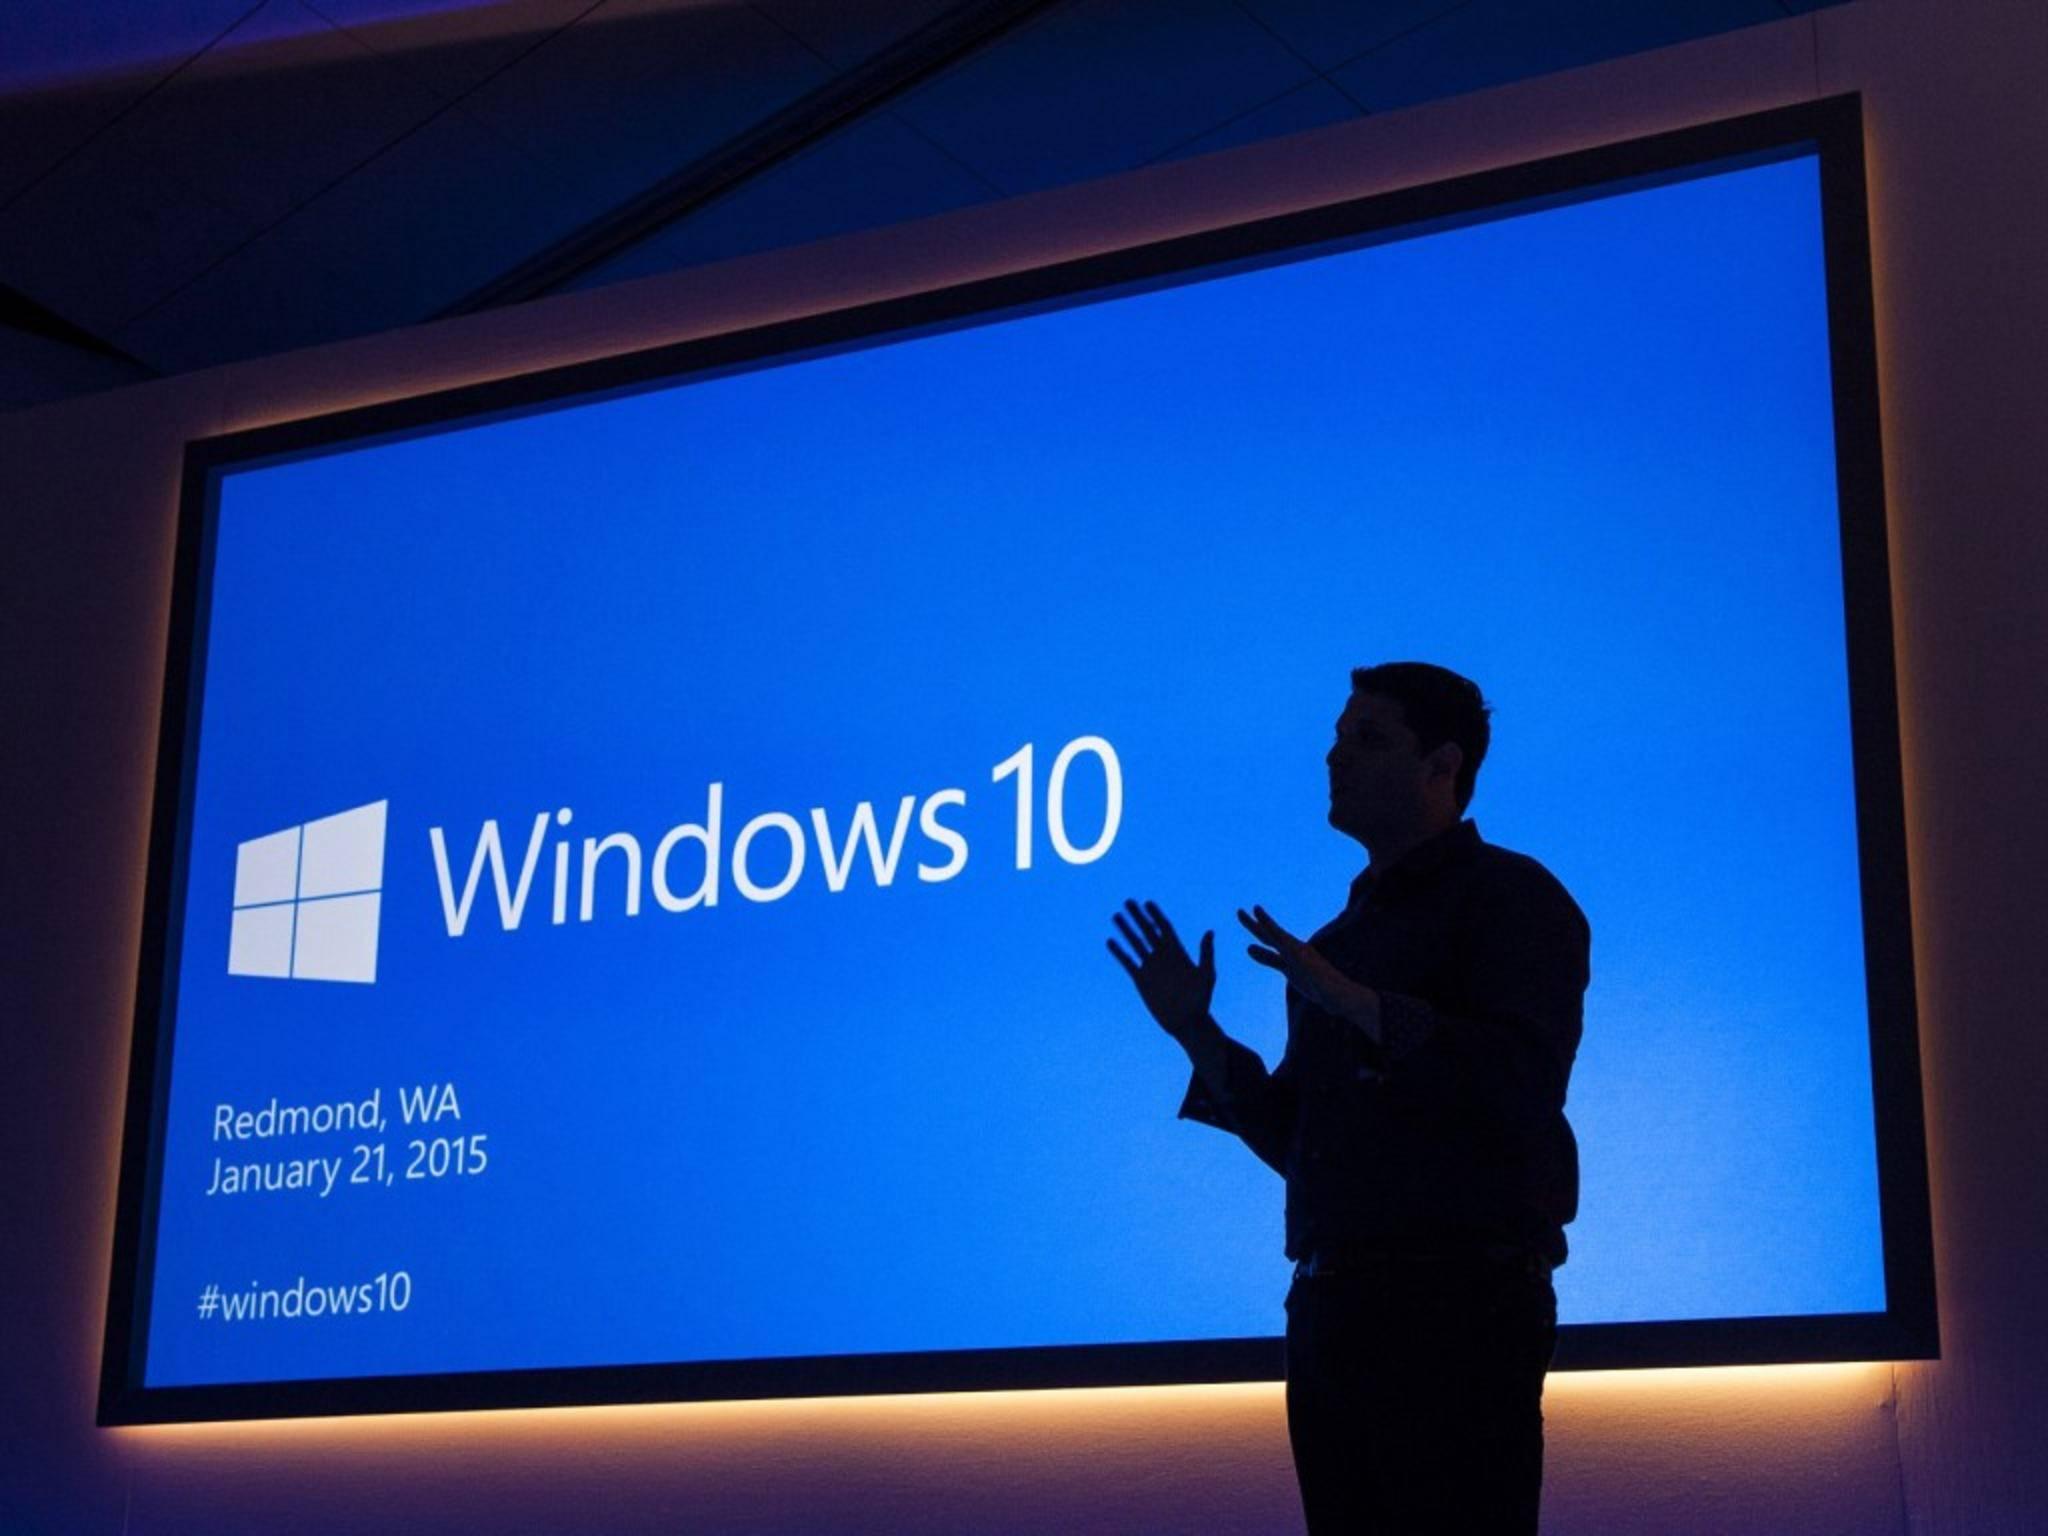 Windows 10: Microsoft will das System als kostenloses Upgrade zur Verfügung stellen.